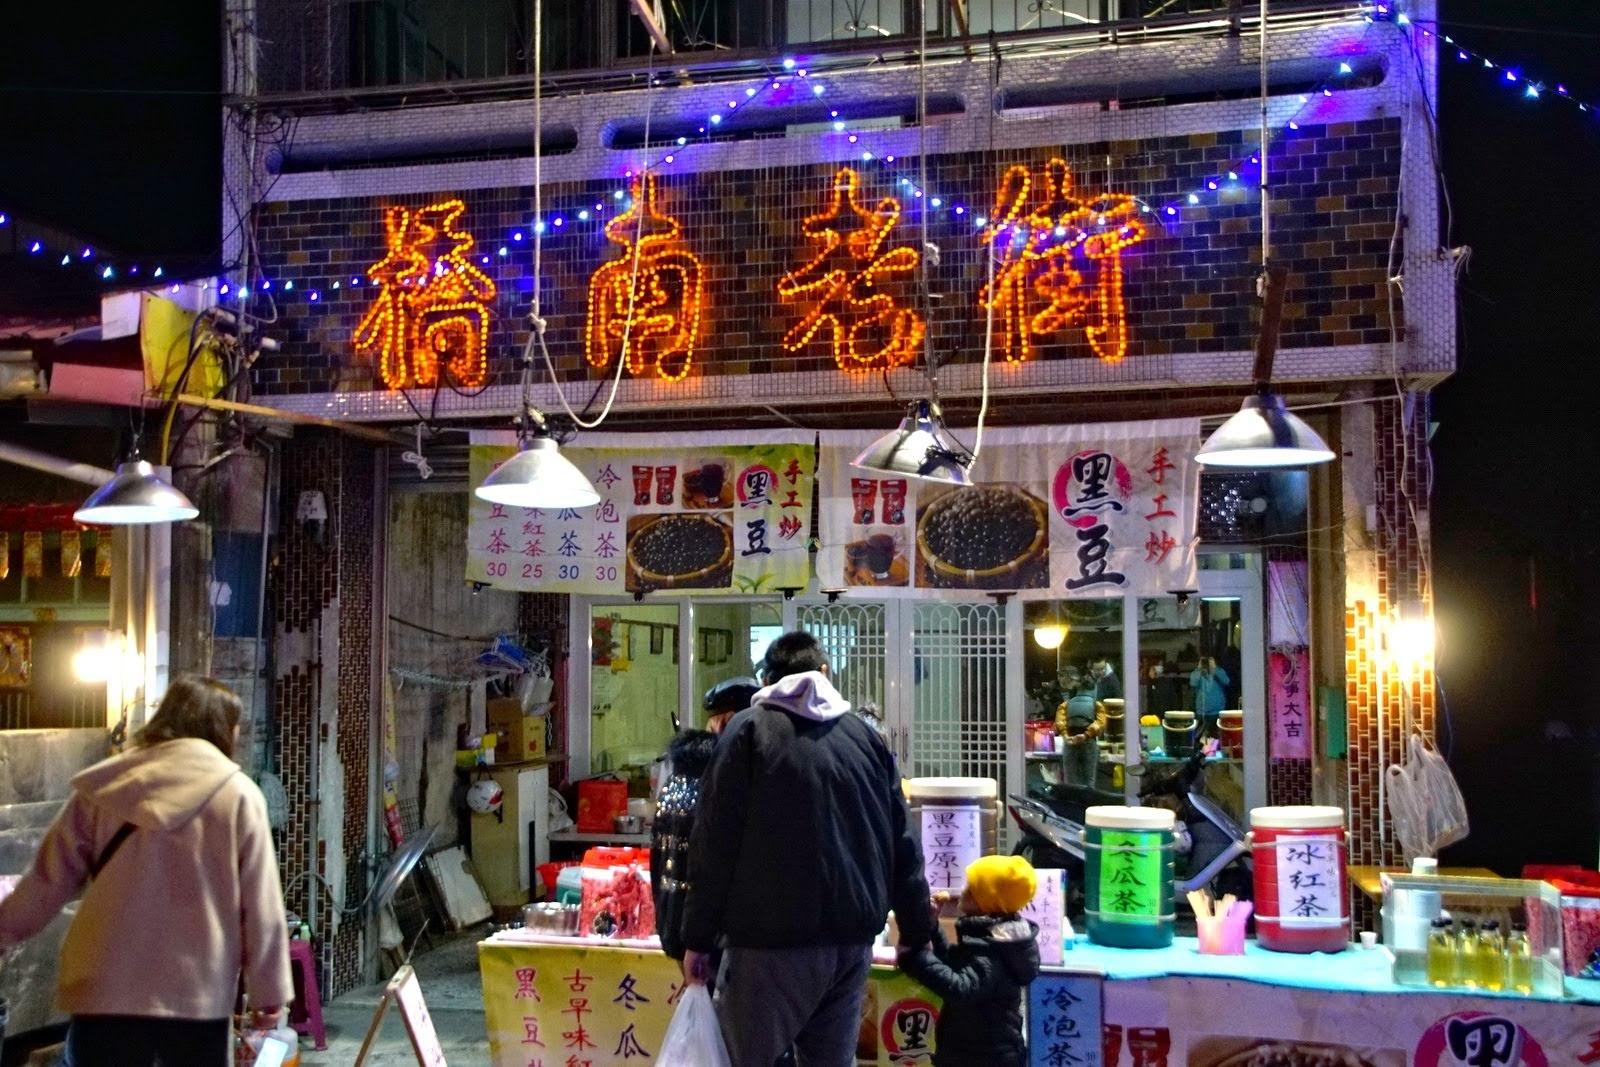 [台南][鹽水區] 2020月津港燈節『海市蜃樓』|一種港覺×一種直覺|全攻略懶人包|遊記